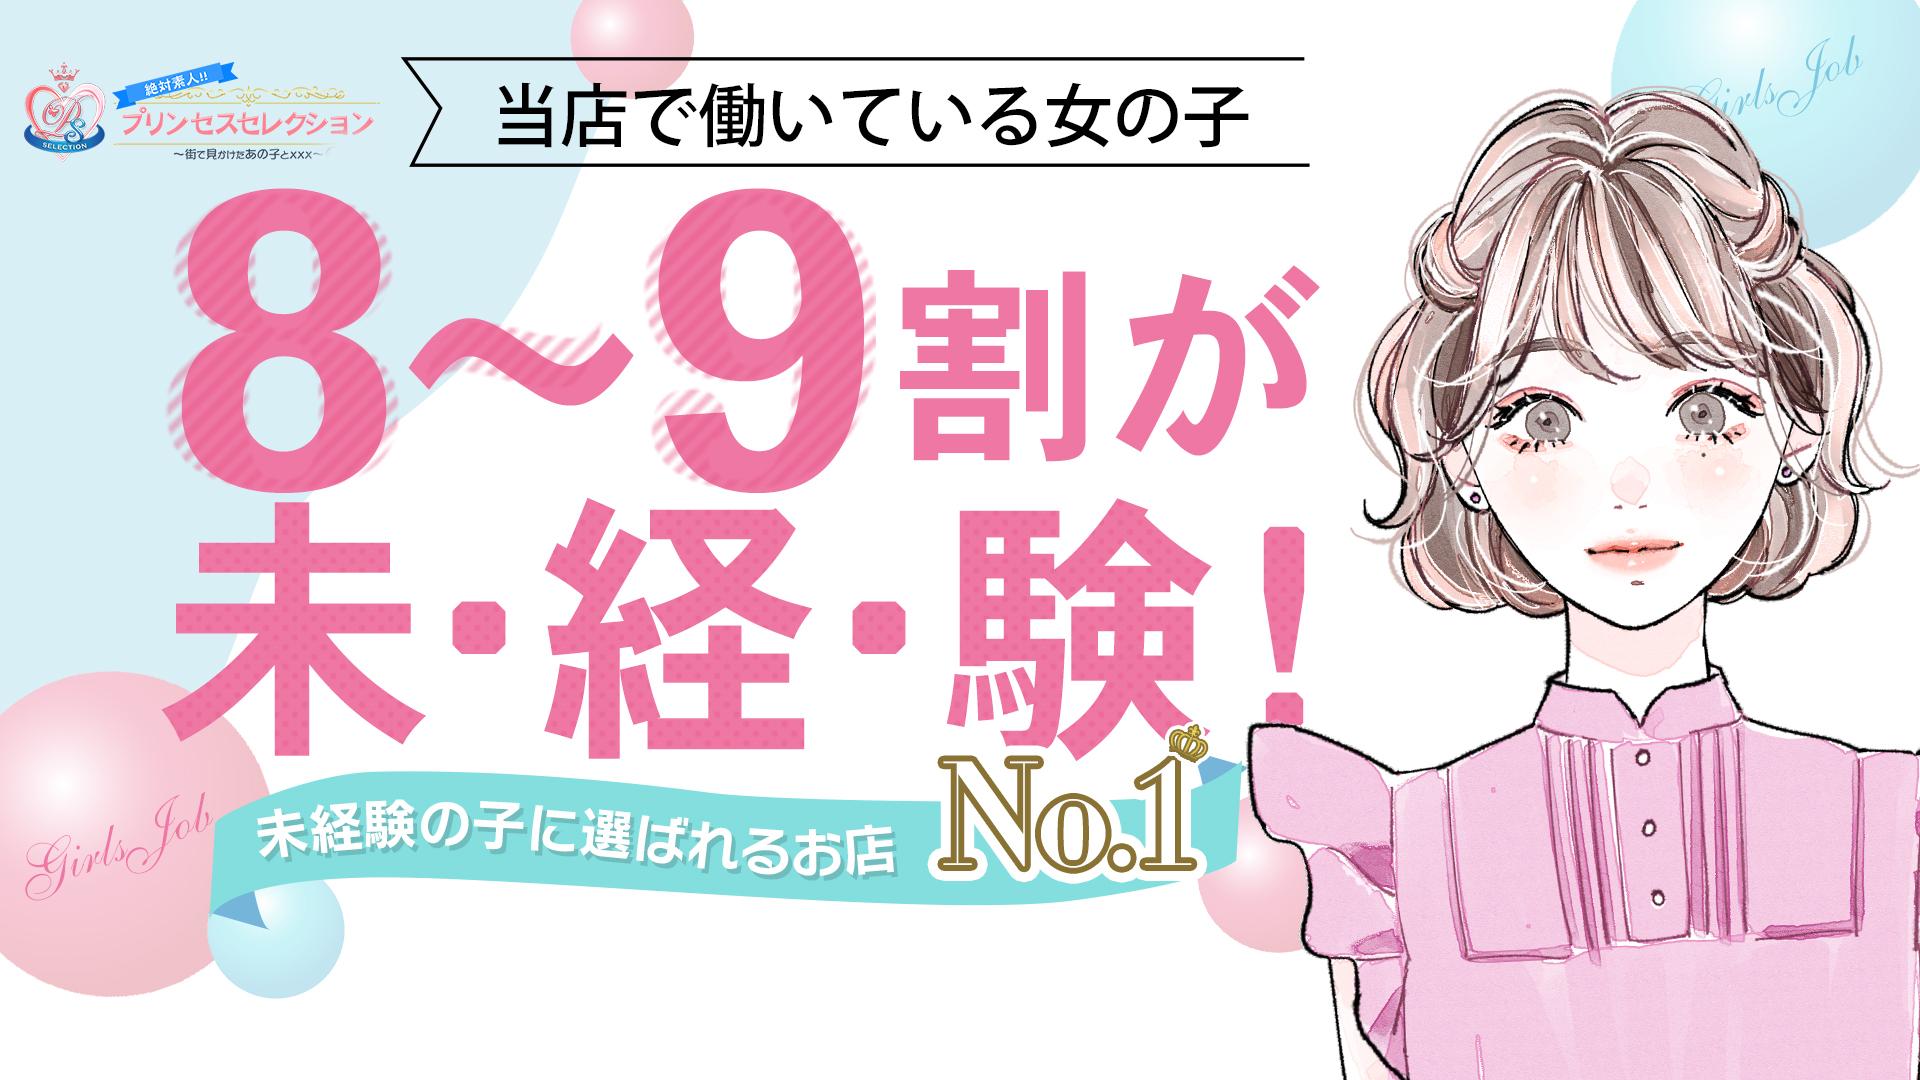 プリンセスセレクション梅田店の求人画像